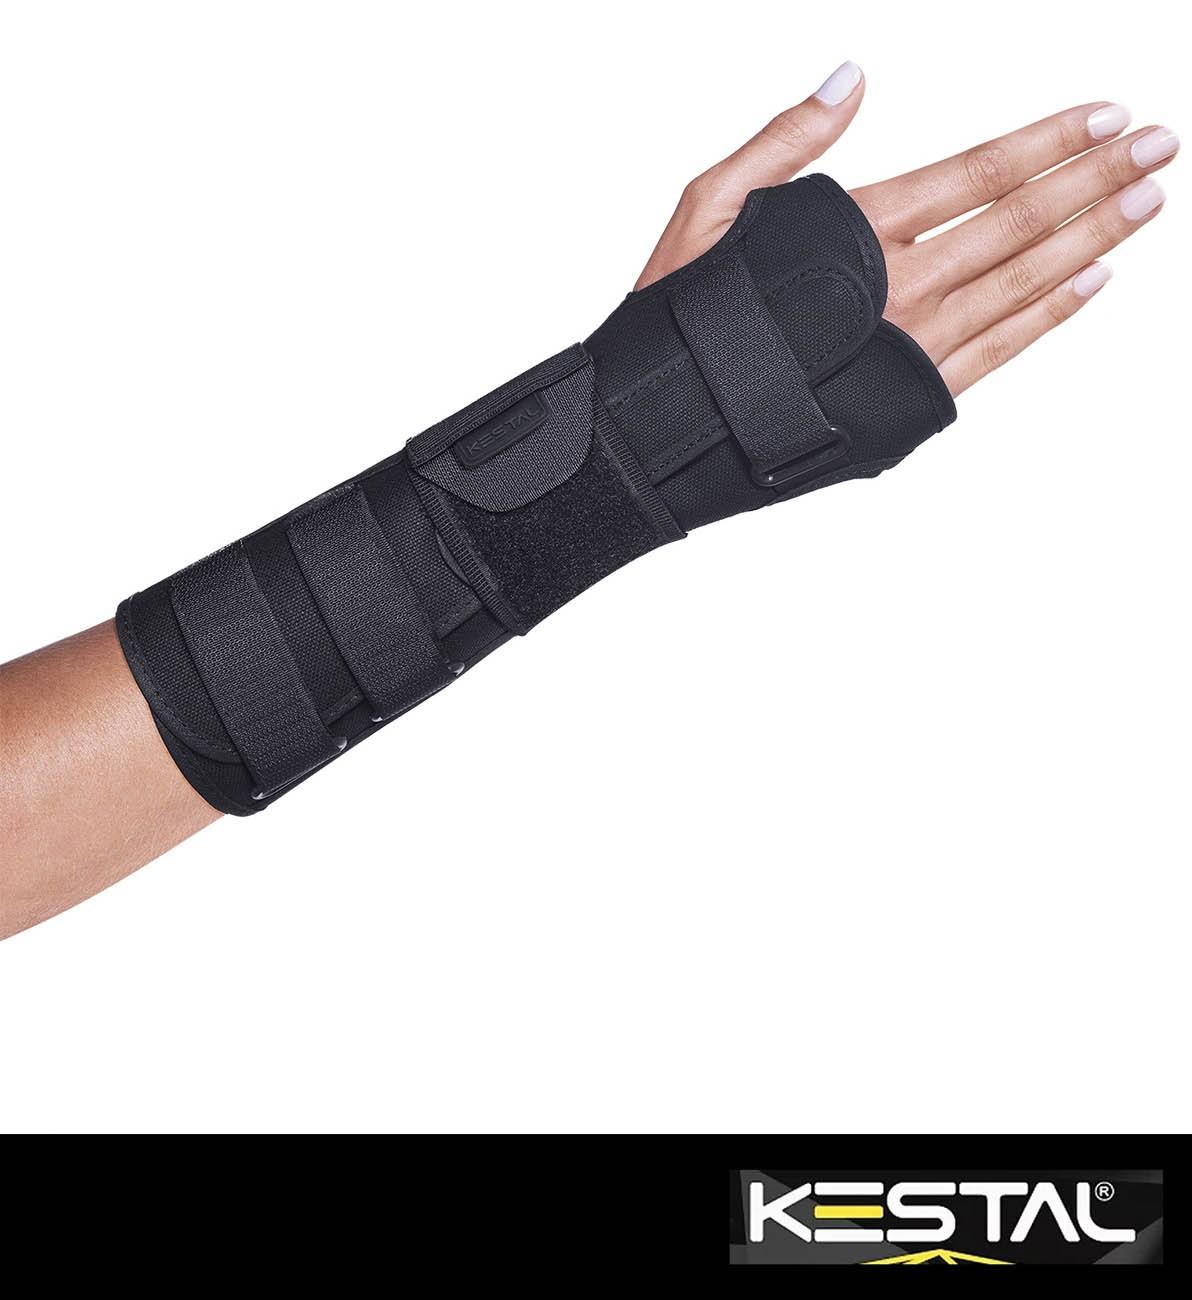 Órtese Tala Longa Para Punho Bilateral (KSN032) - Kestal